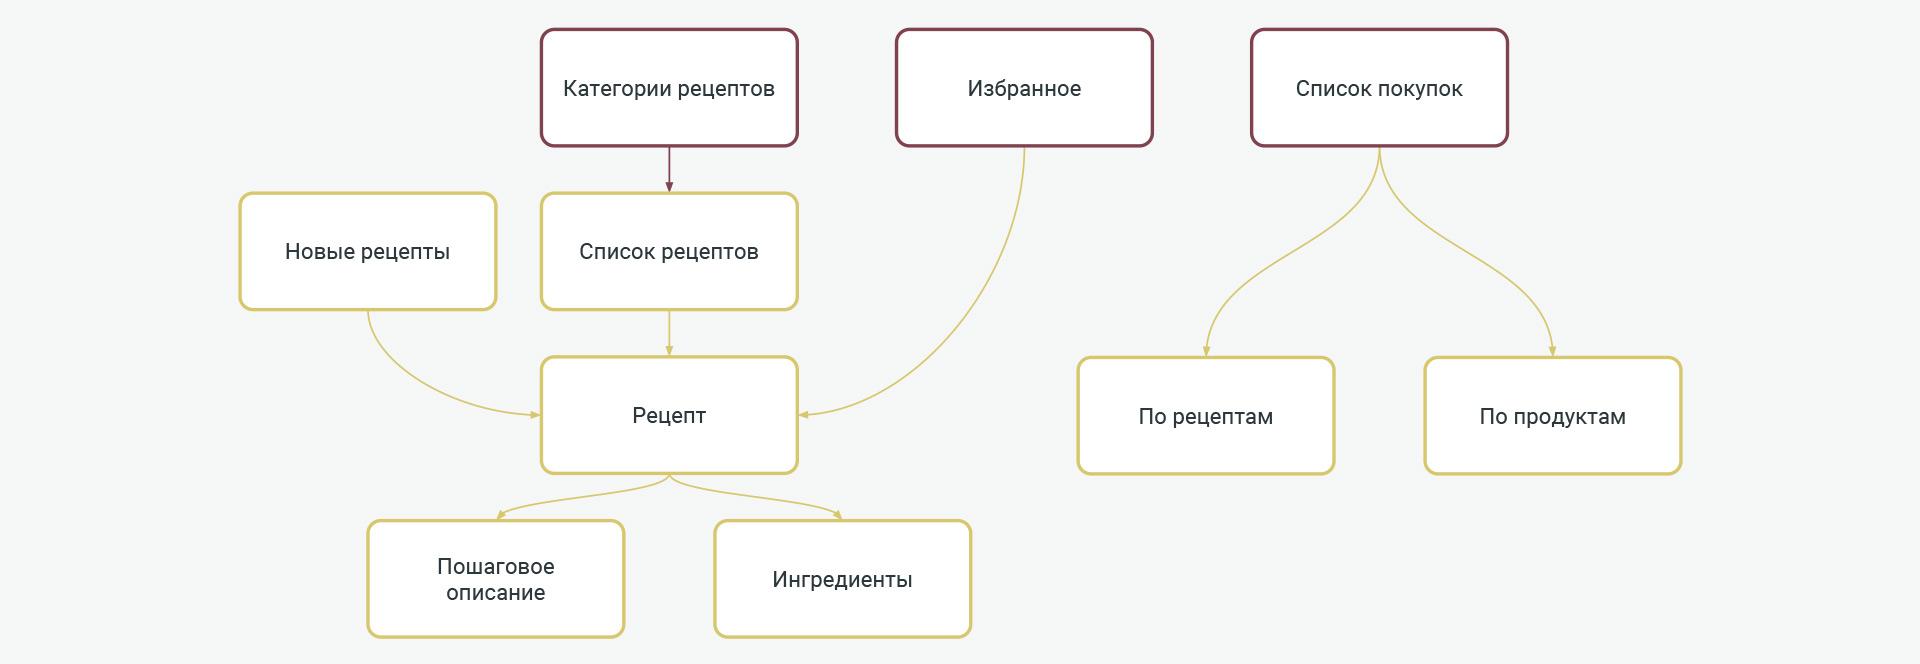 Структура кулинарного приложения Кукорама